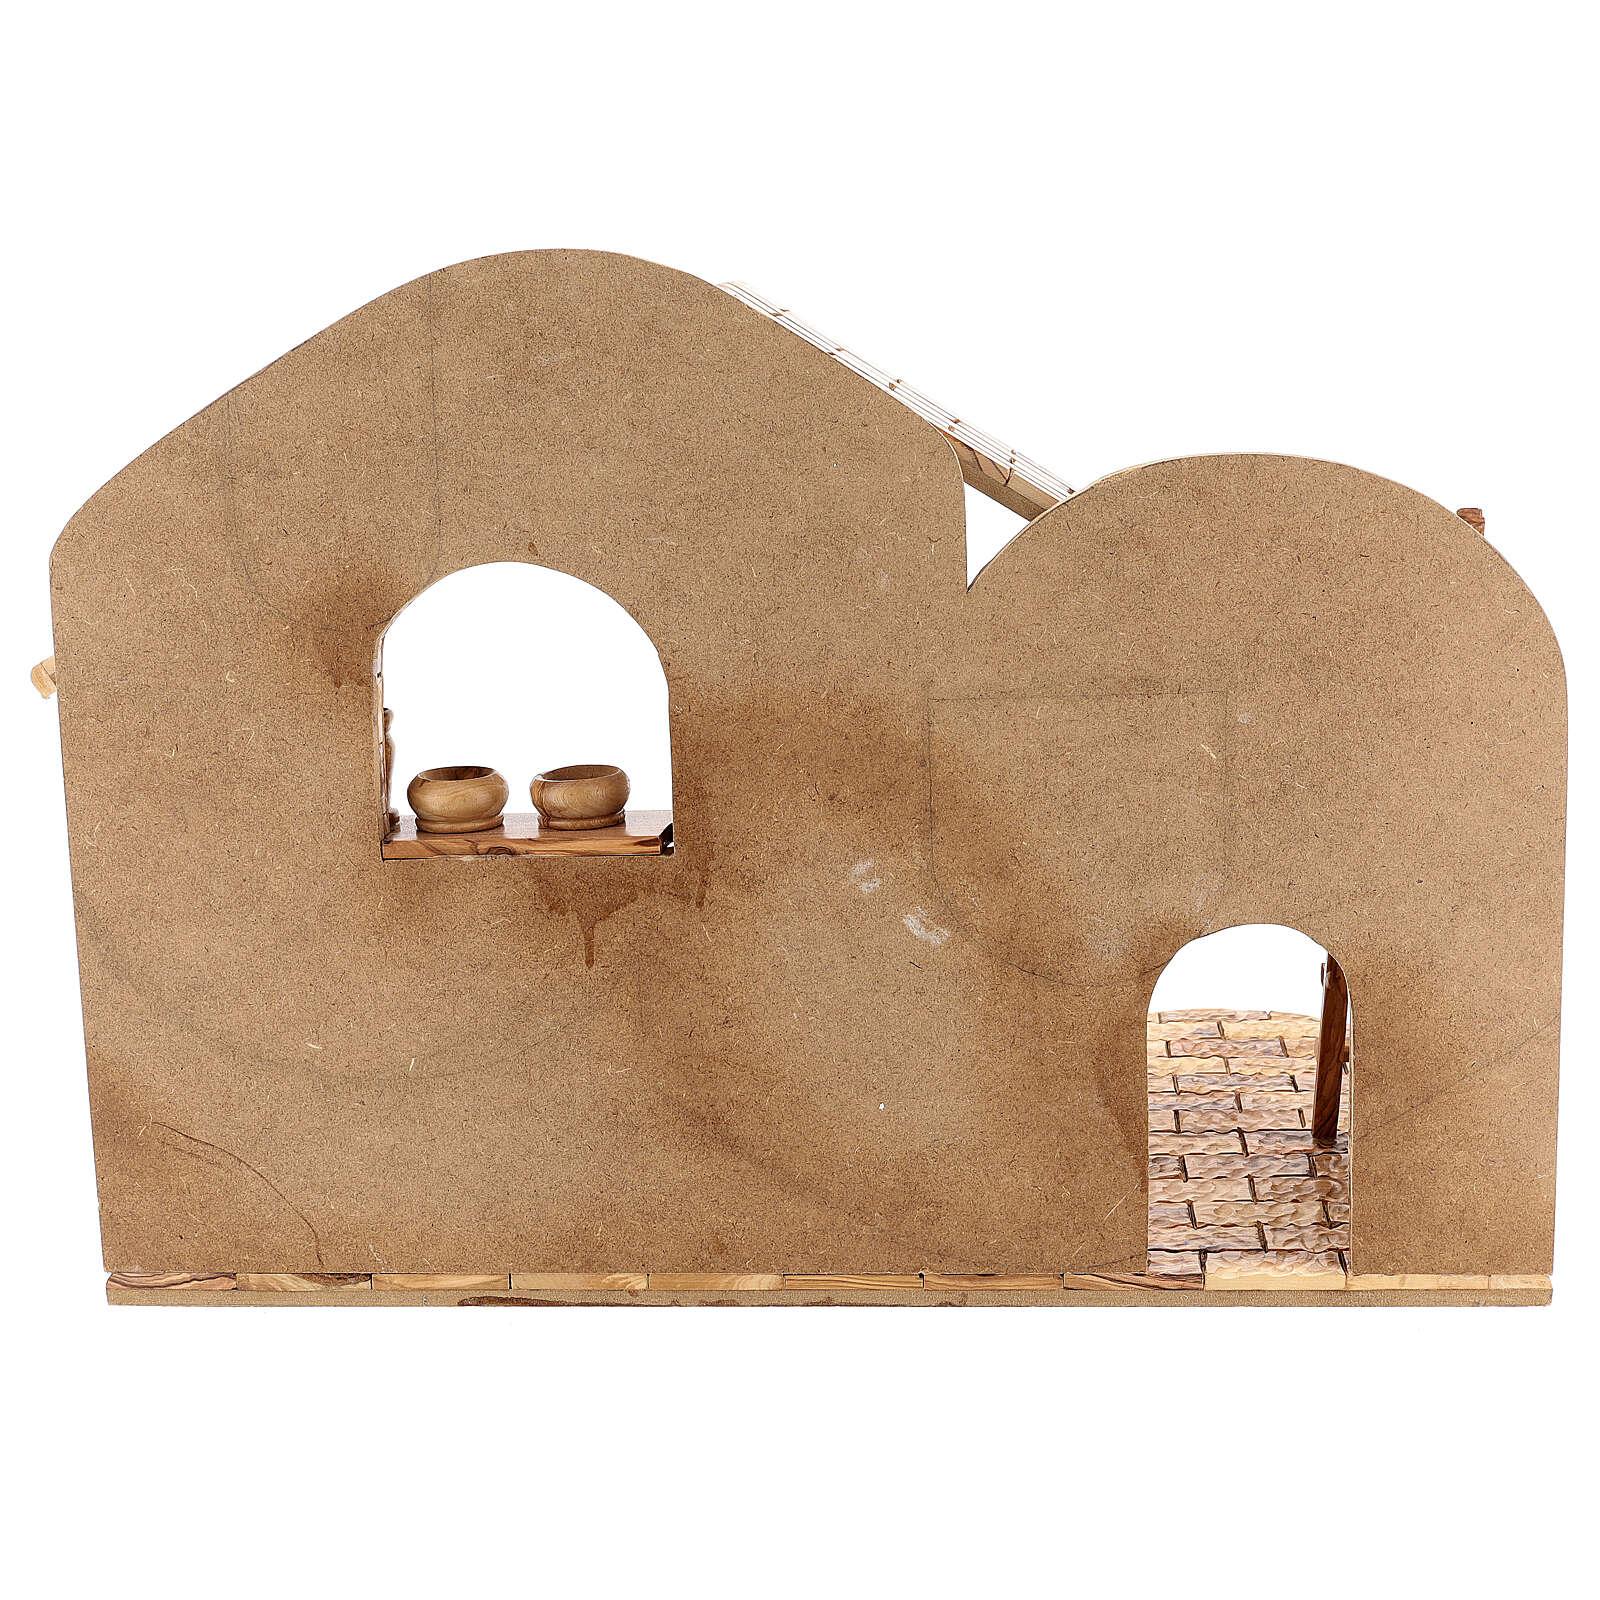 Krippenhütte aus Olivenholz Stil Palästina, 45x65x35 cm 4